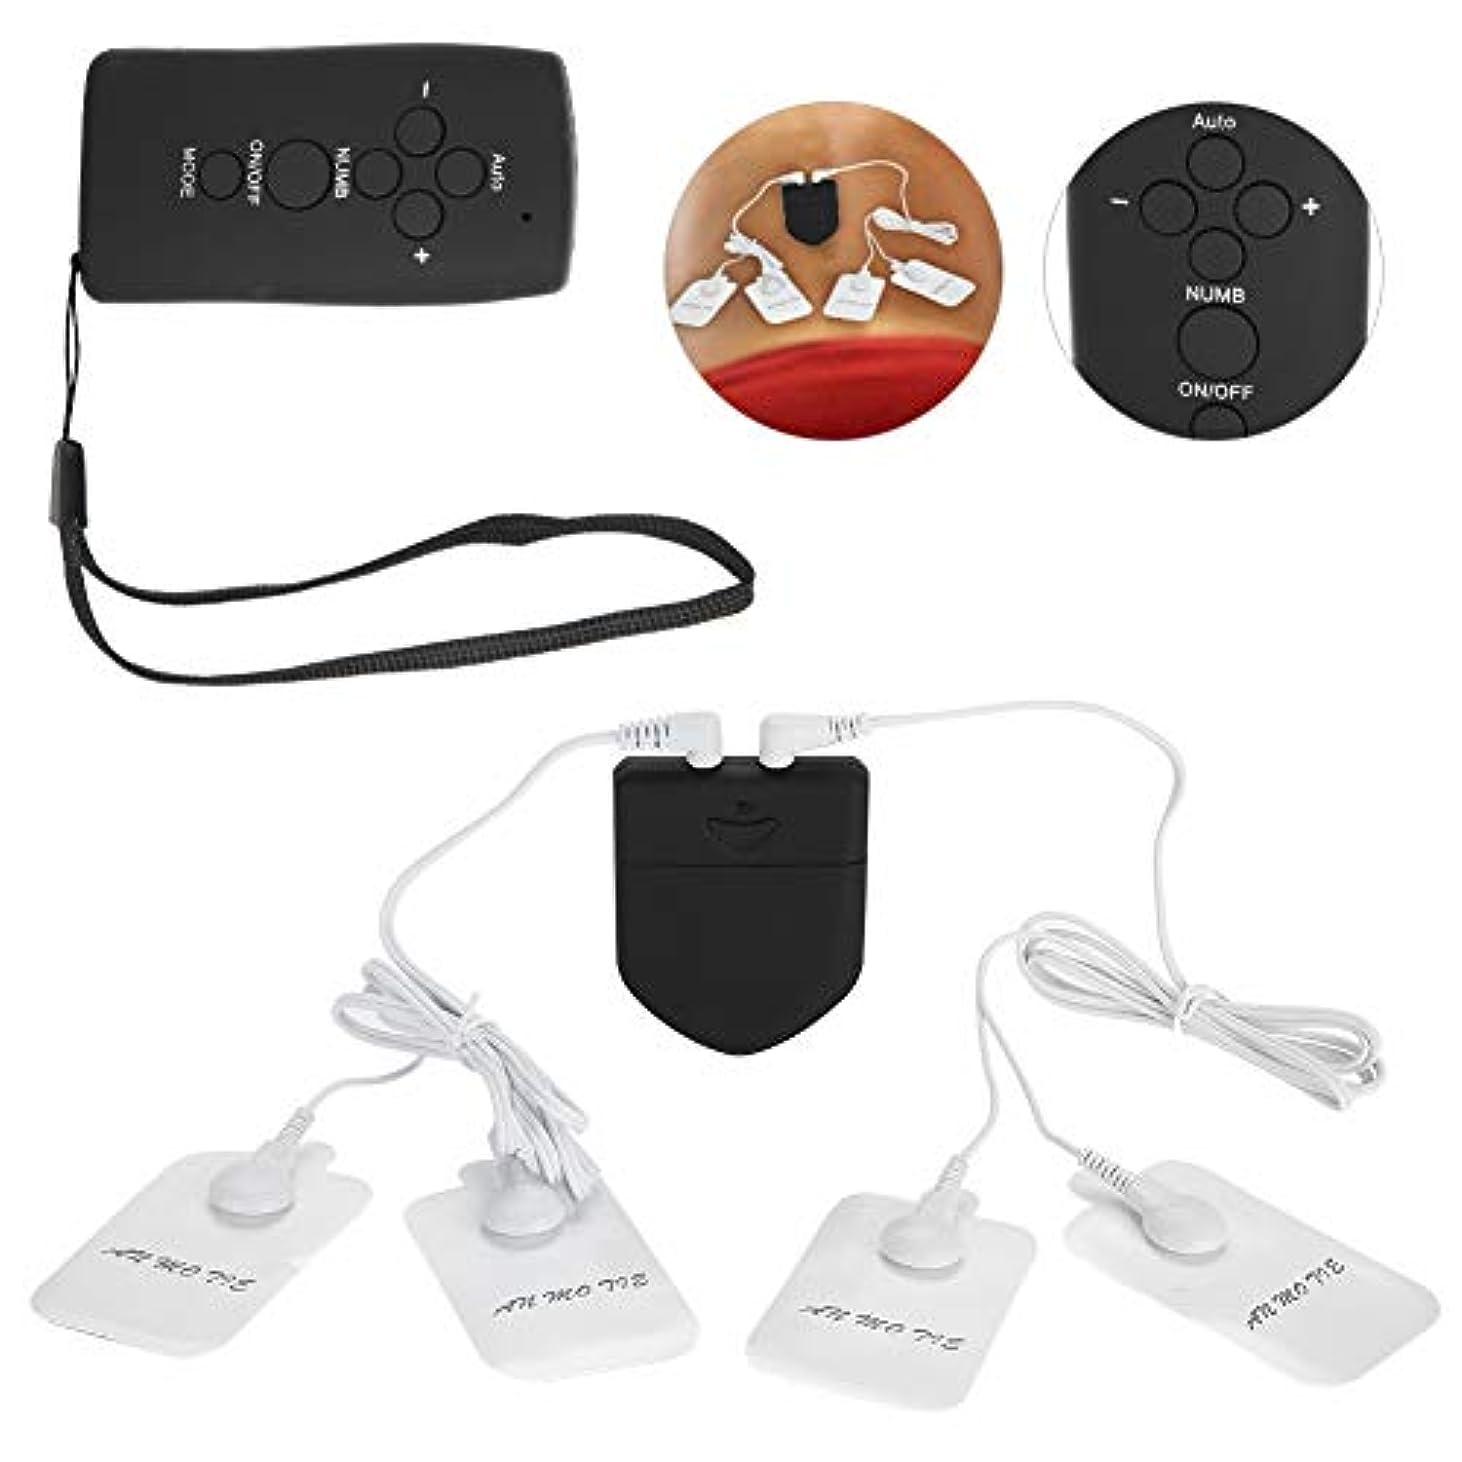 マッサージ装置、ワイヤレスリモコンデュアル出力多機能マッサージャー